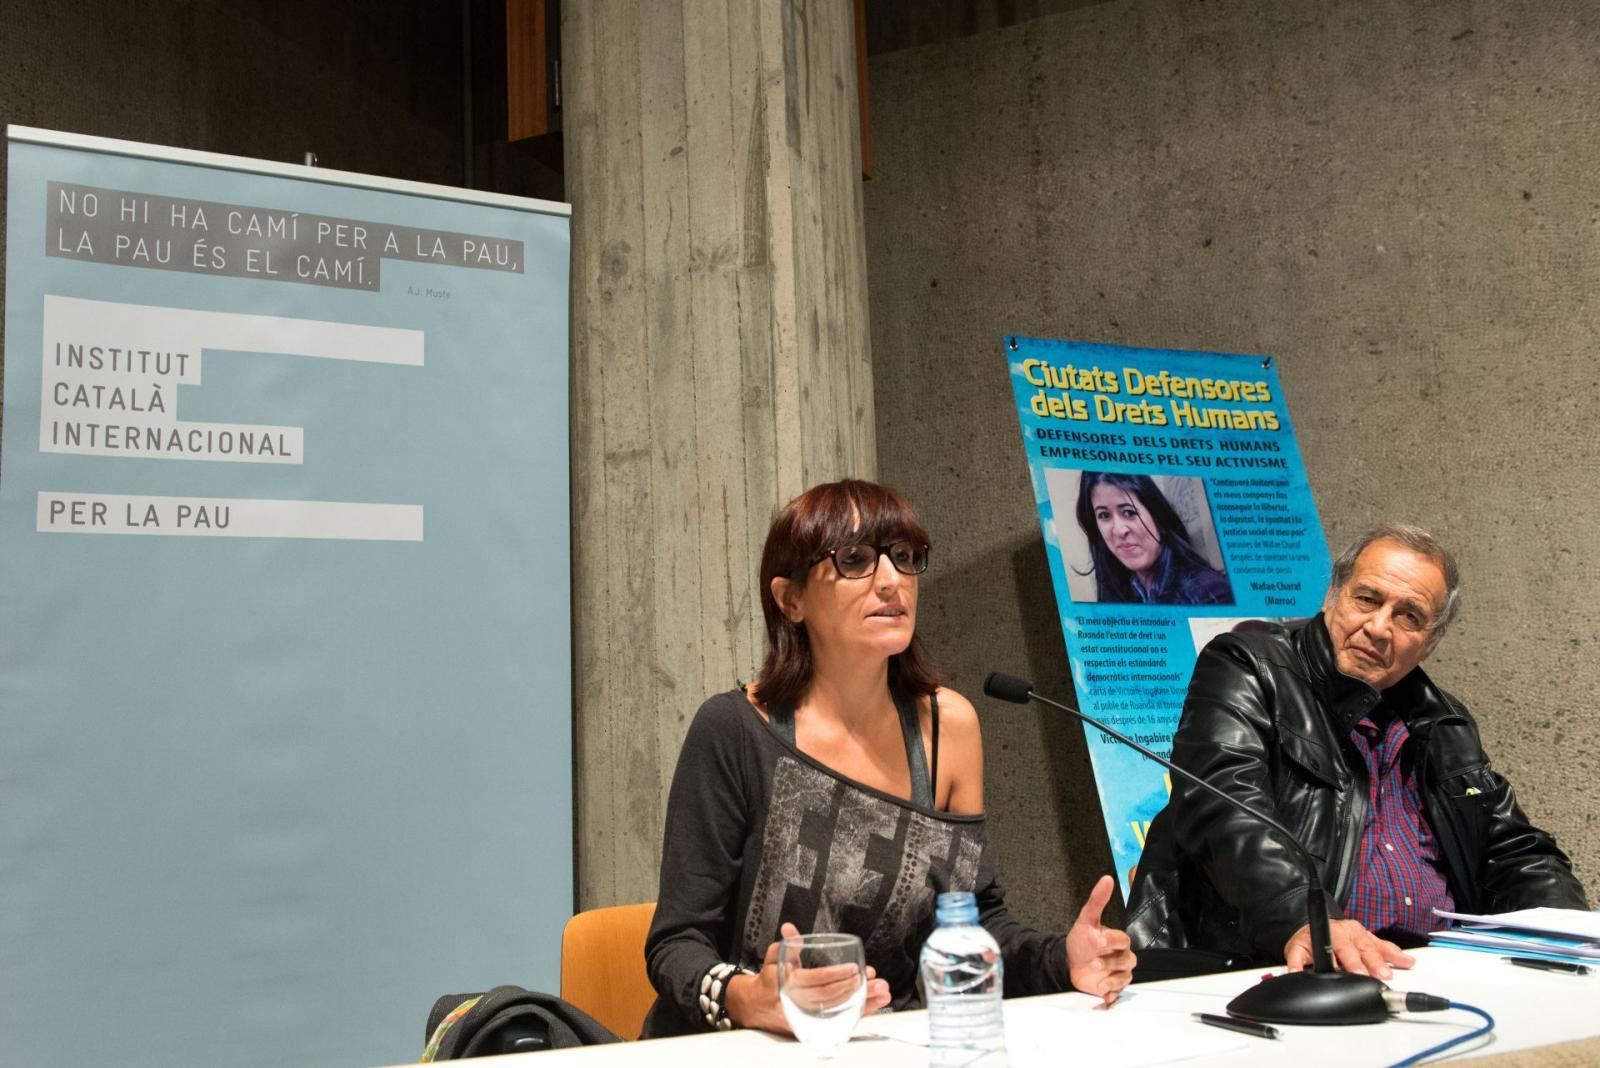 Els activistes Helena Maleno i Pedro Pantoja van explicar la seva tasca a favor dels drets humans, concretament, de les persones migrants i desplaçades en zona de frontera